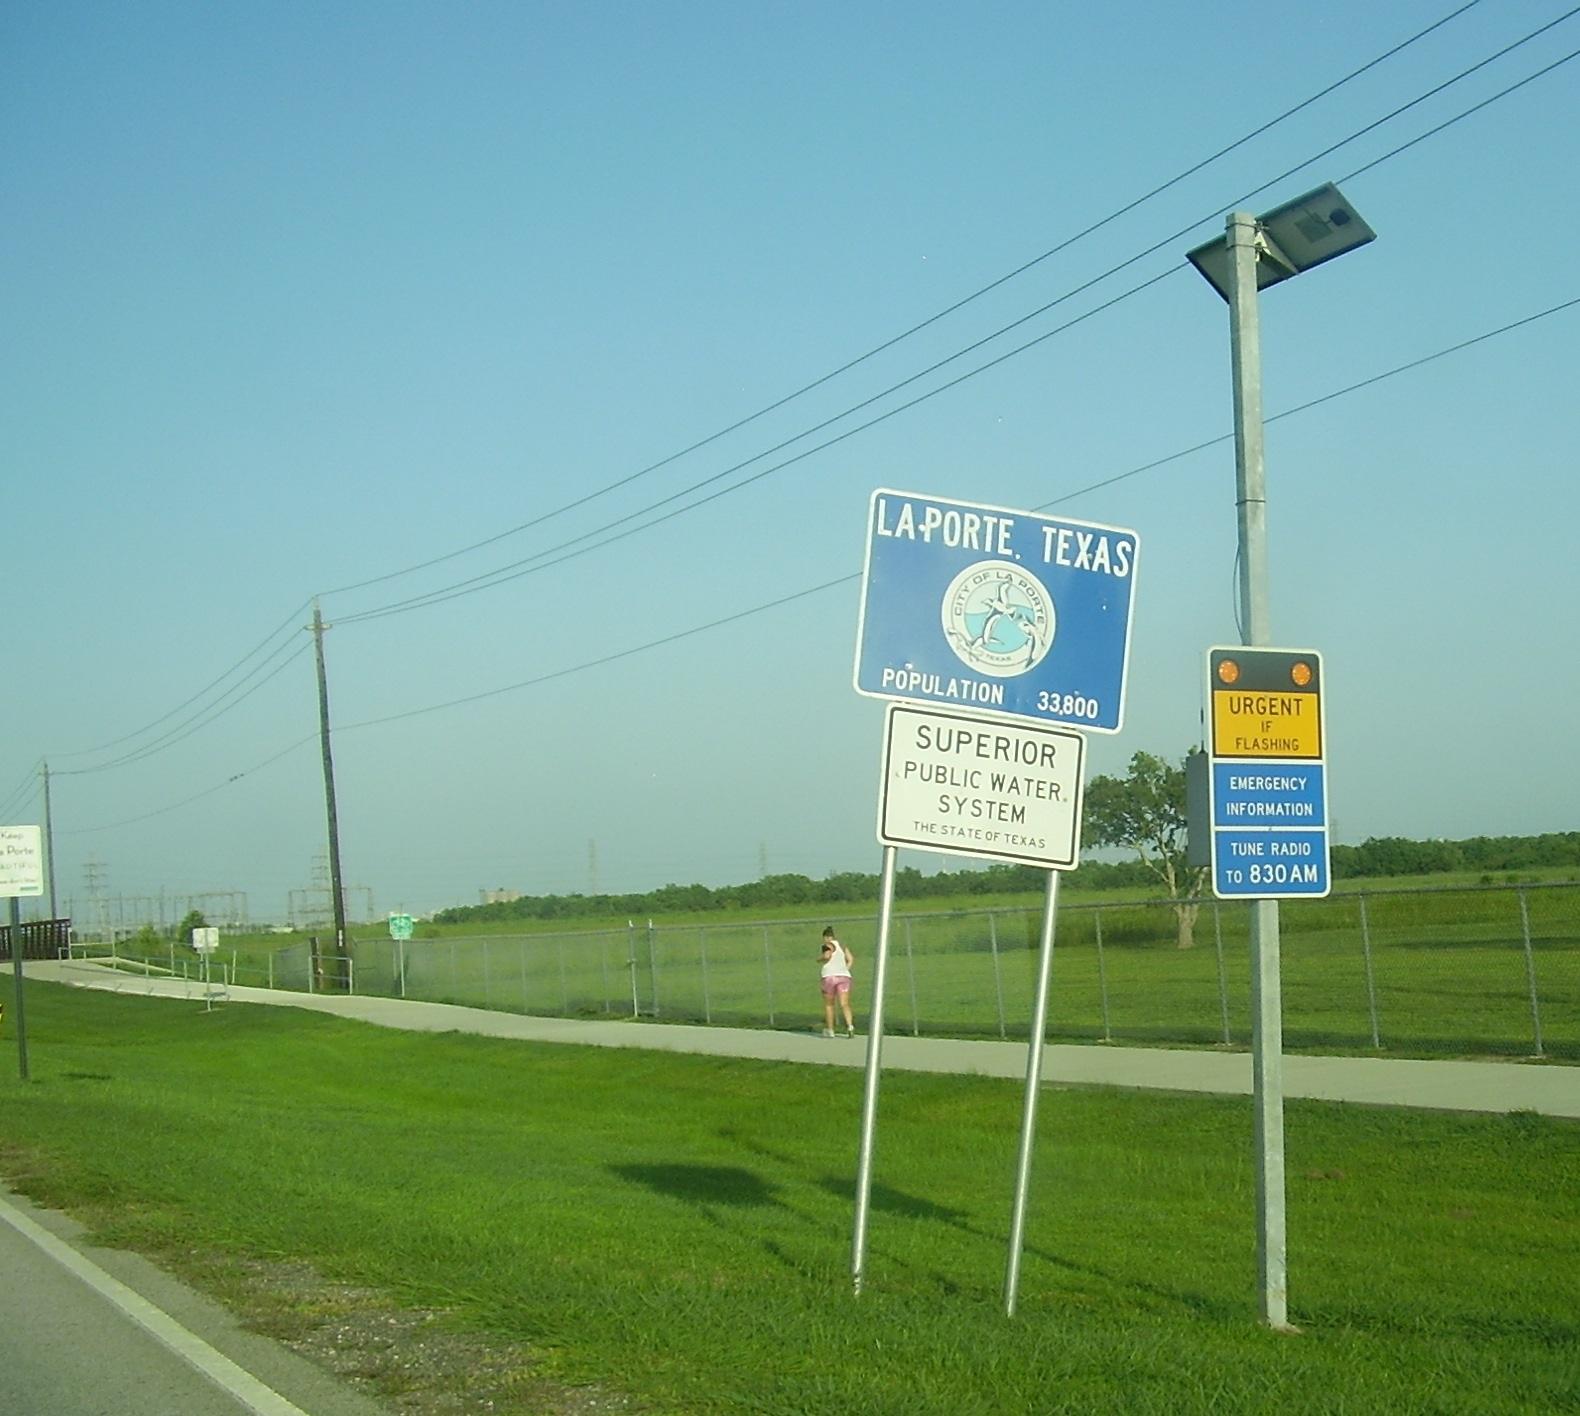 La porte texas wikipedia for What county is la porte tx in